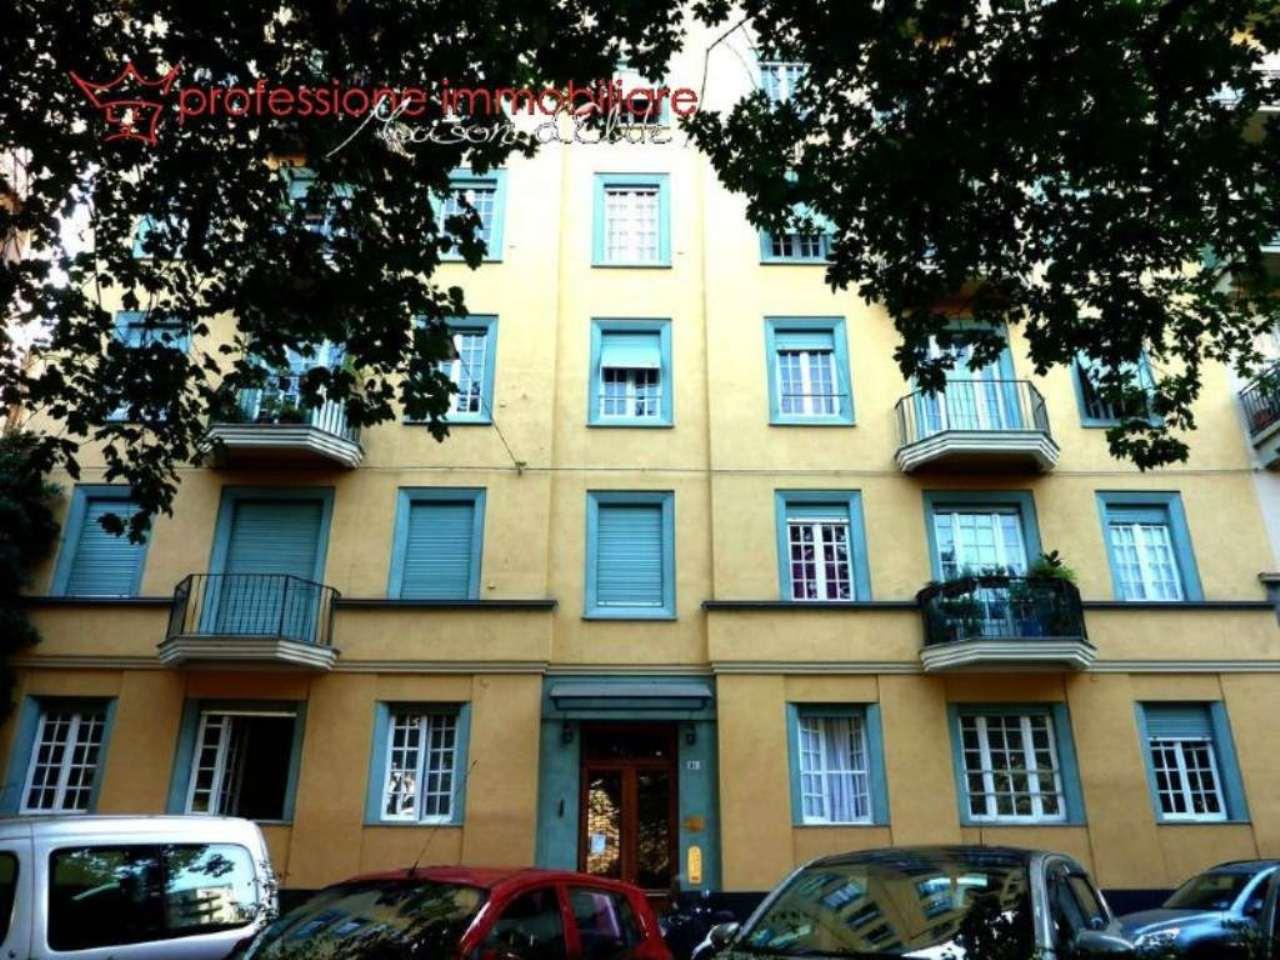 Laboratorio in vendita a Torino, 2 locali, zona Zona: 9 . San Donato, Cit Turin, Campidoglio, , prezzo € 129.000 | Cambio Casa.it